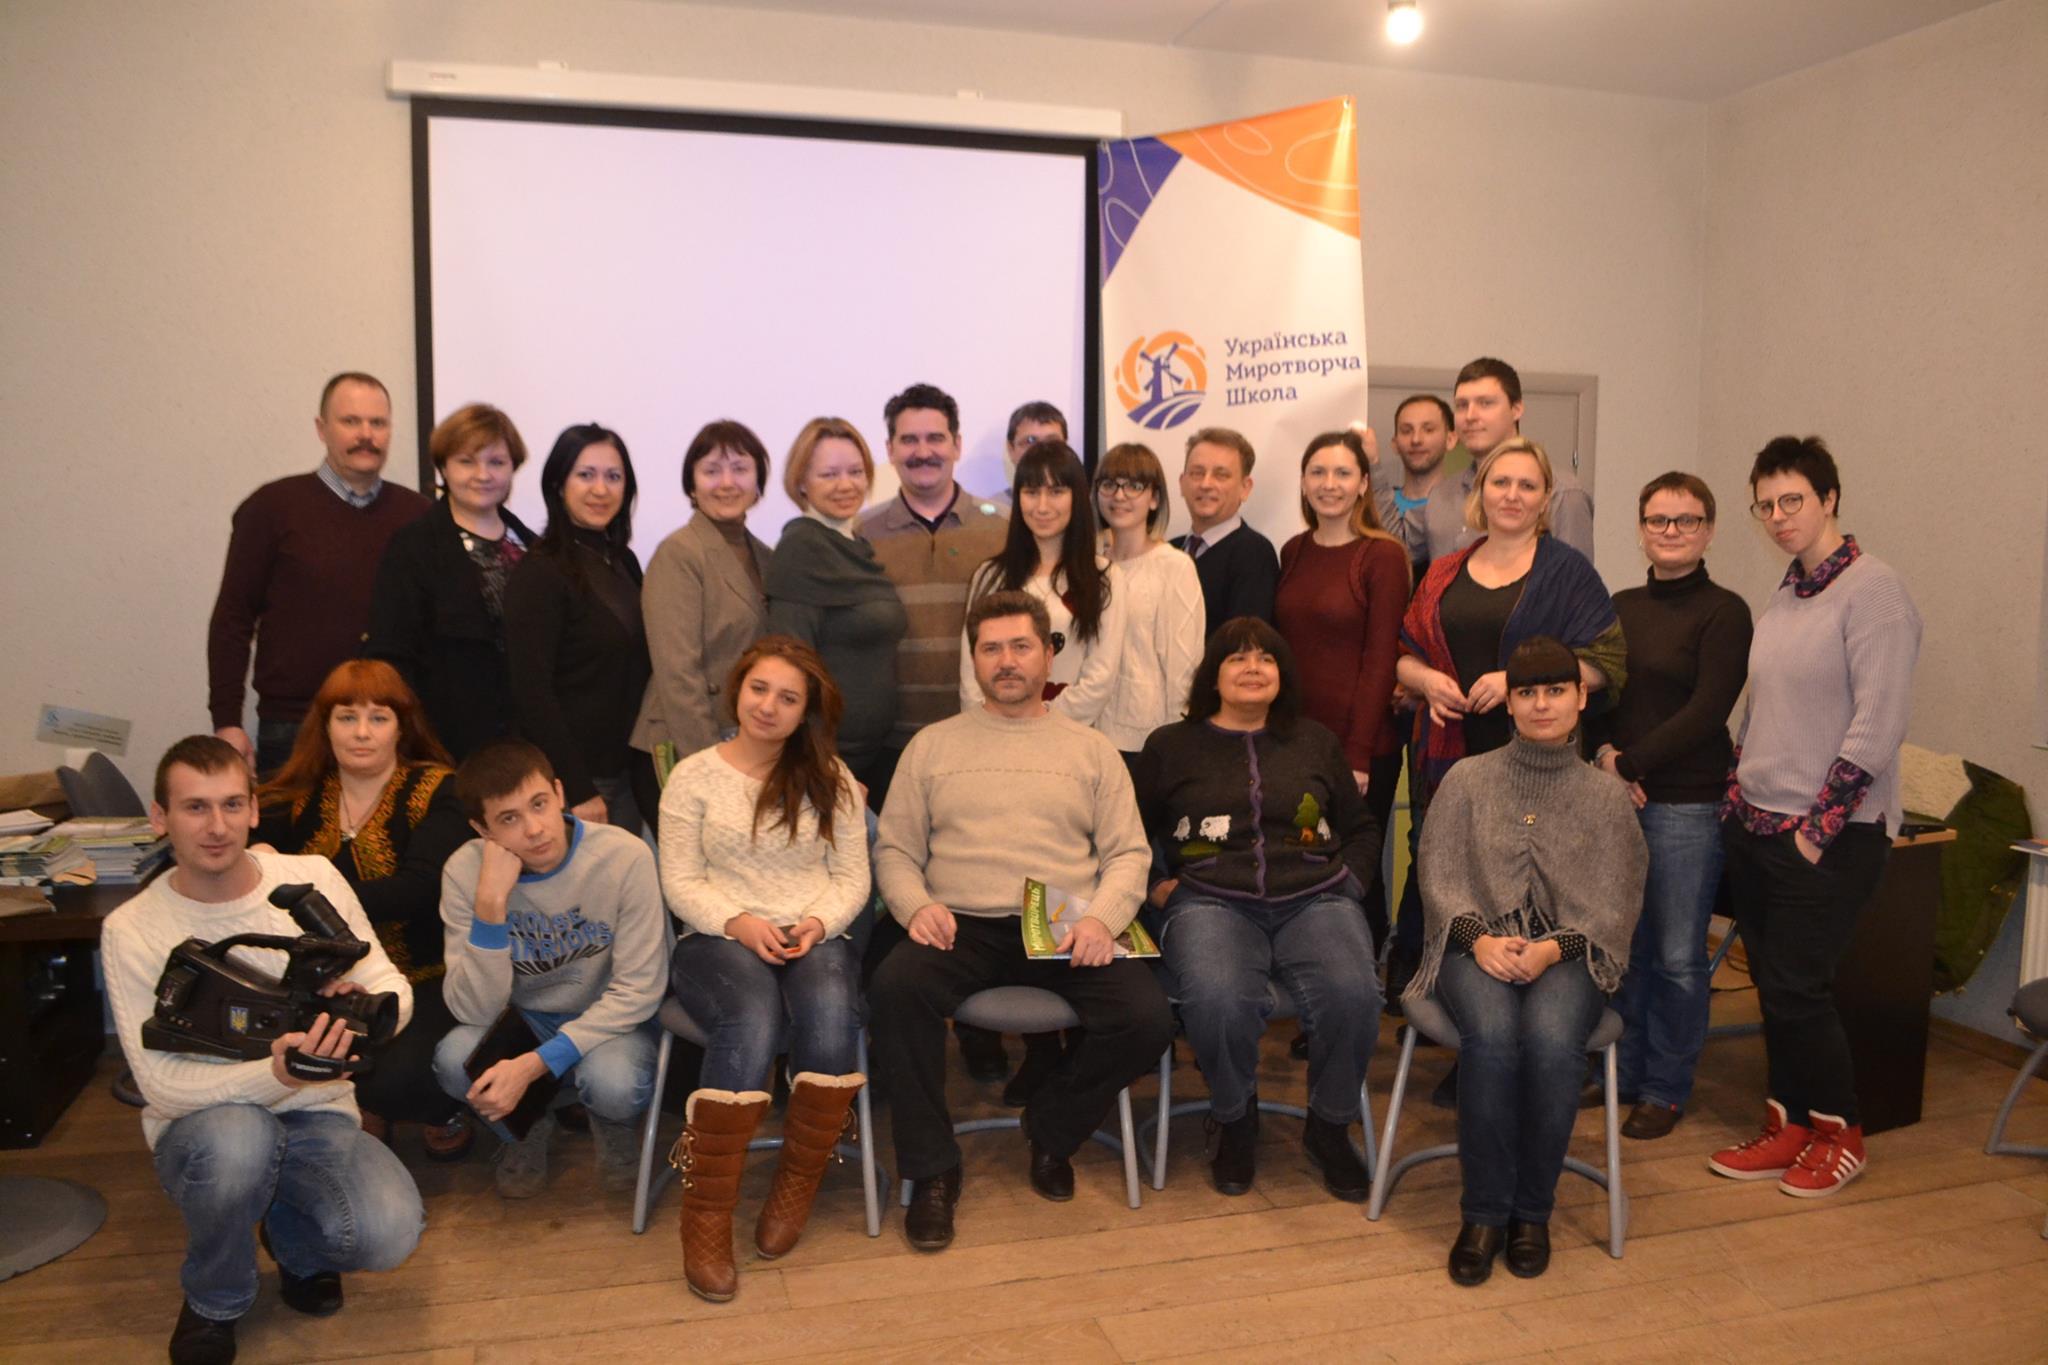 Учасники Школи з тренерами і організаторами